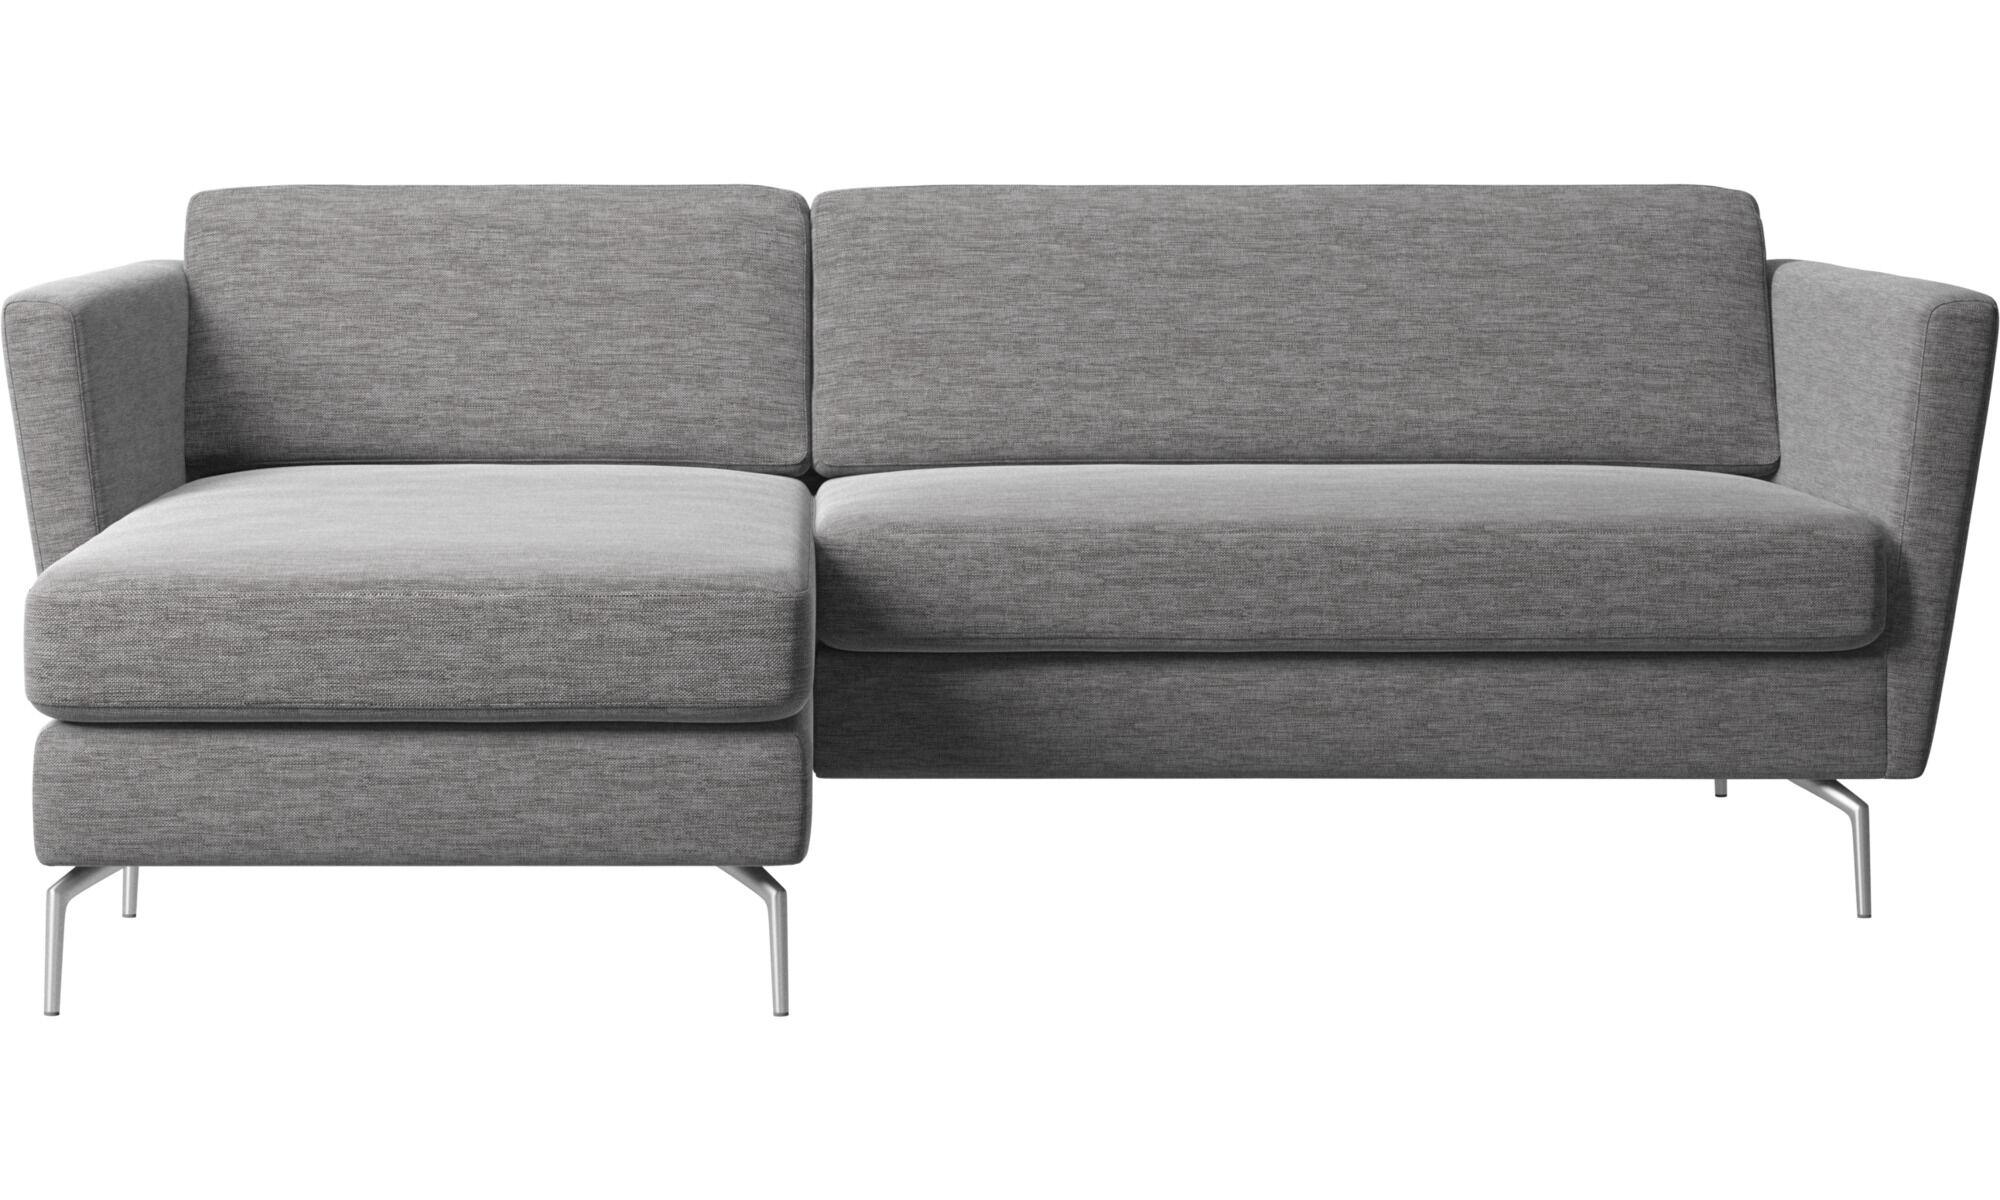 Recamiere Schlafsofa Design Sofa Mit Récamiere Online Kaufen Boconcept